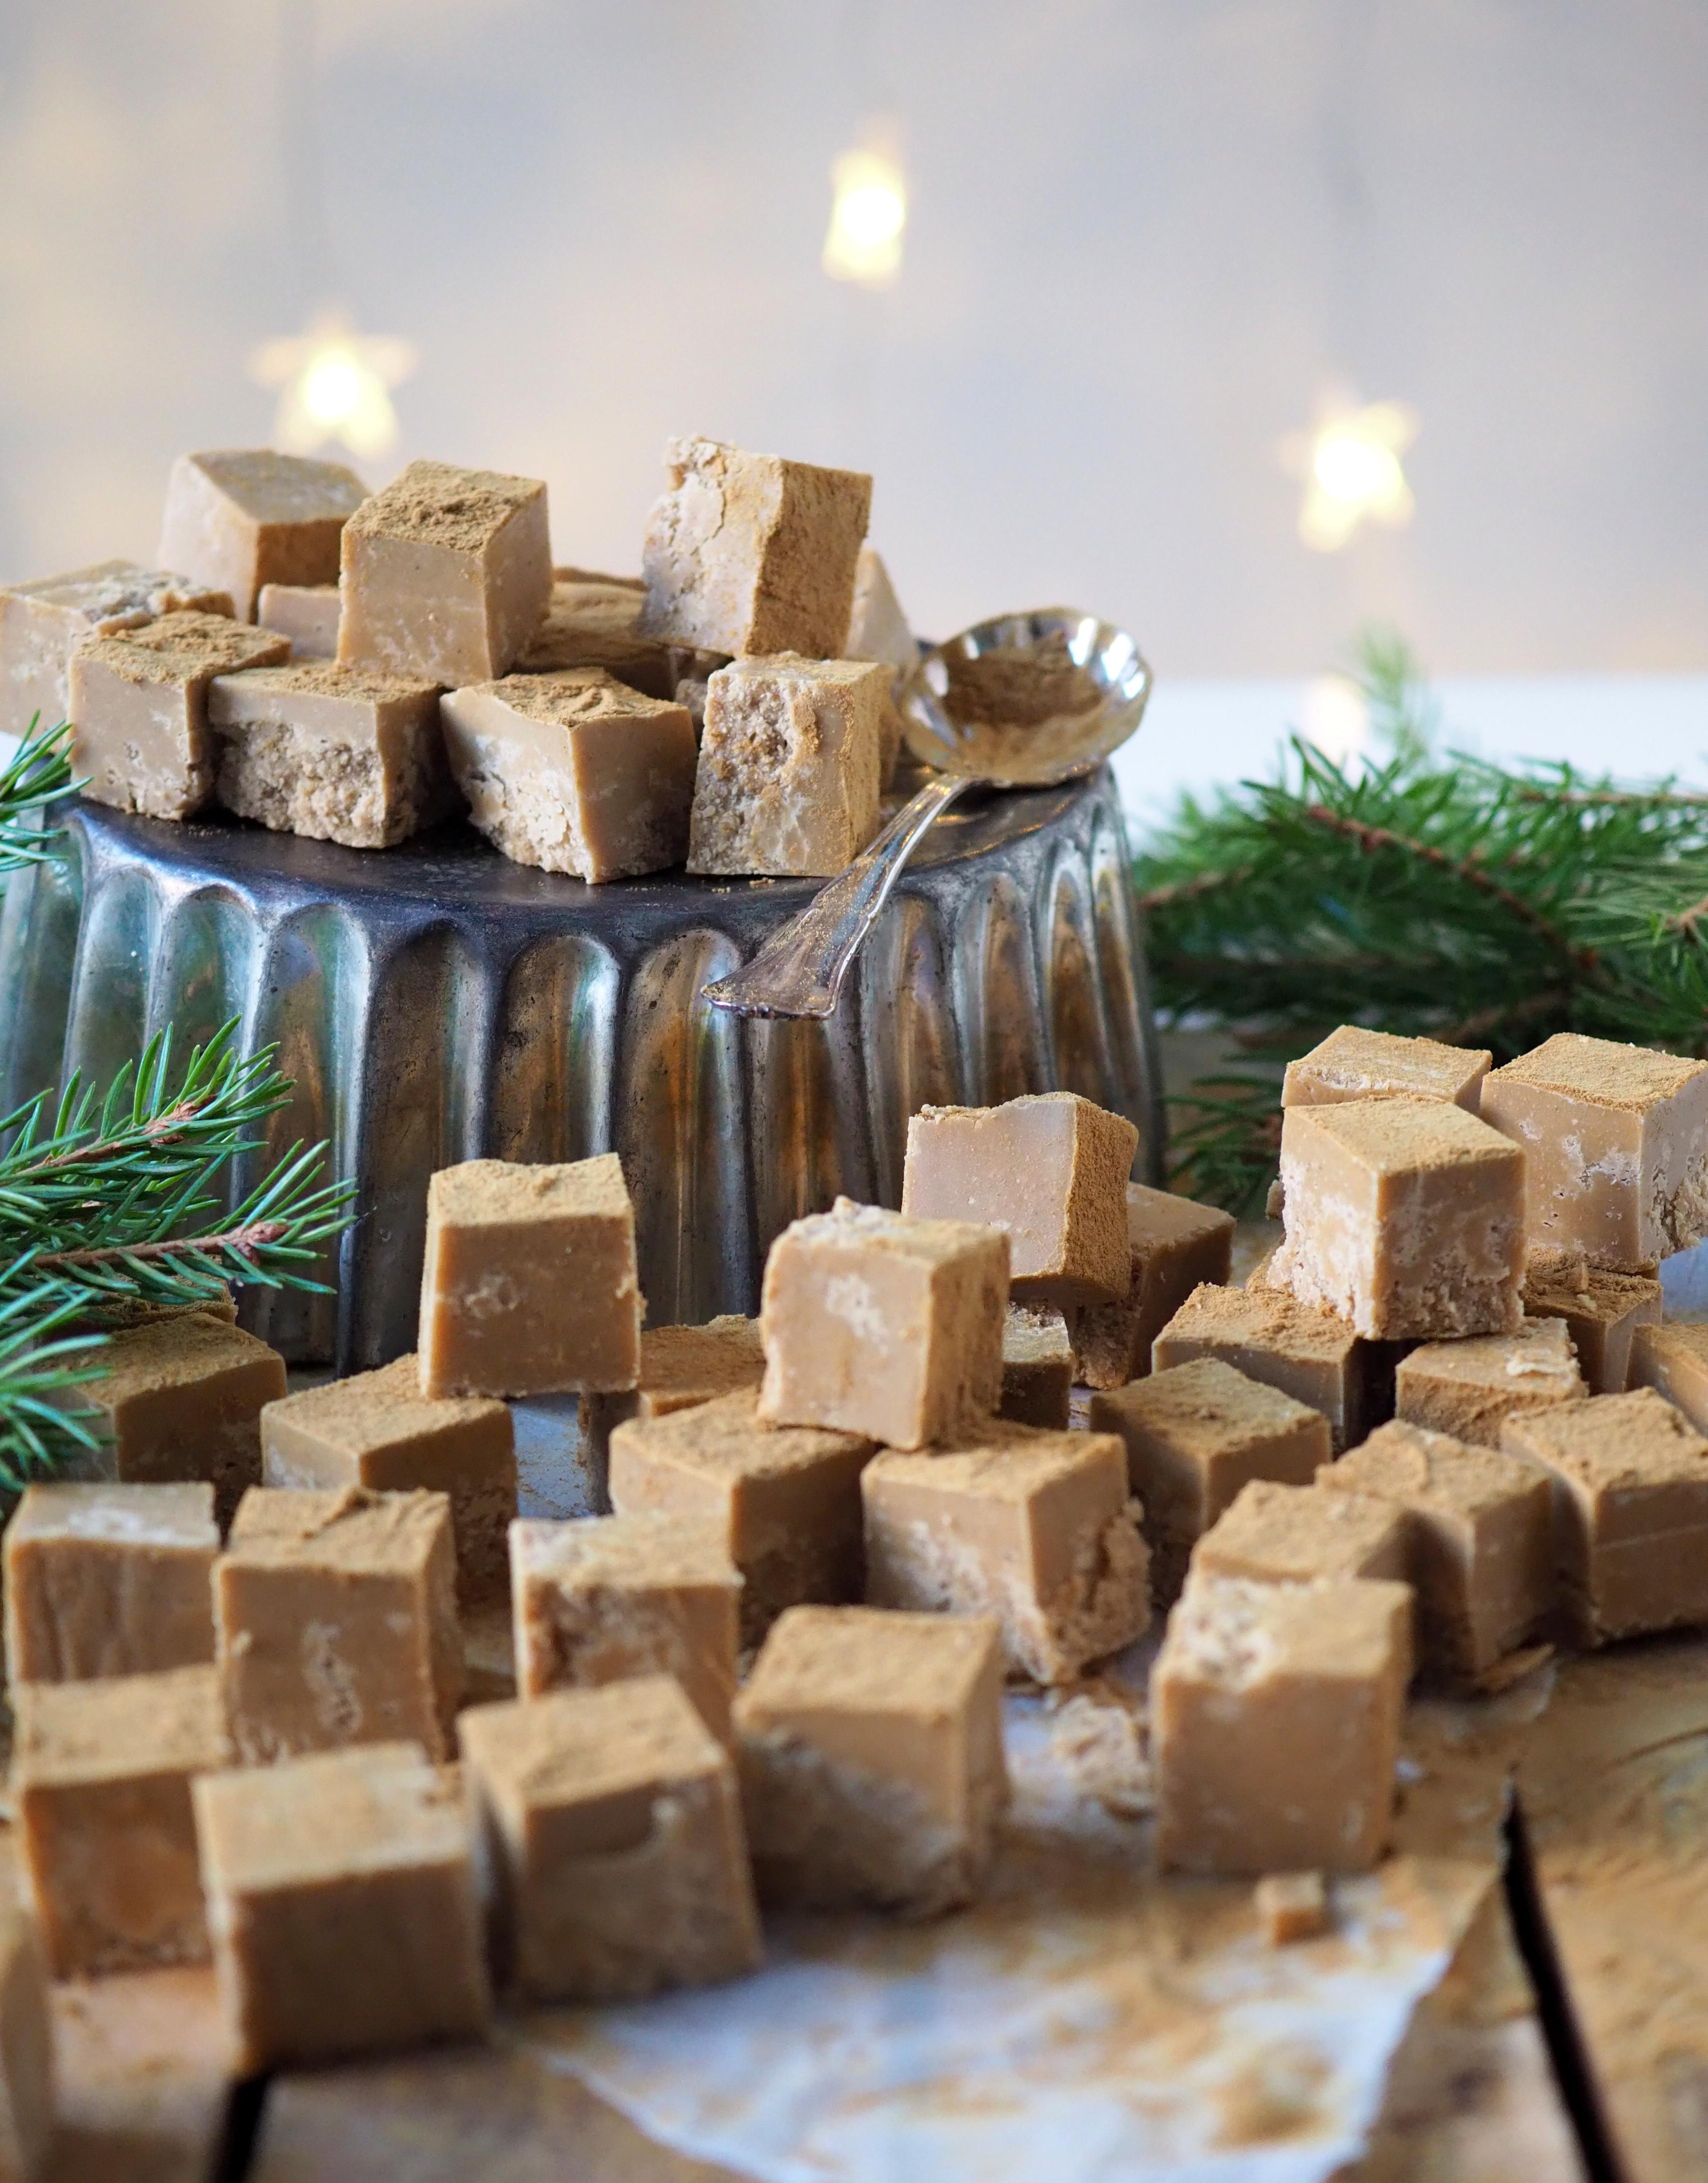 Parhaat joulumakeiset